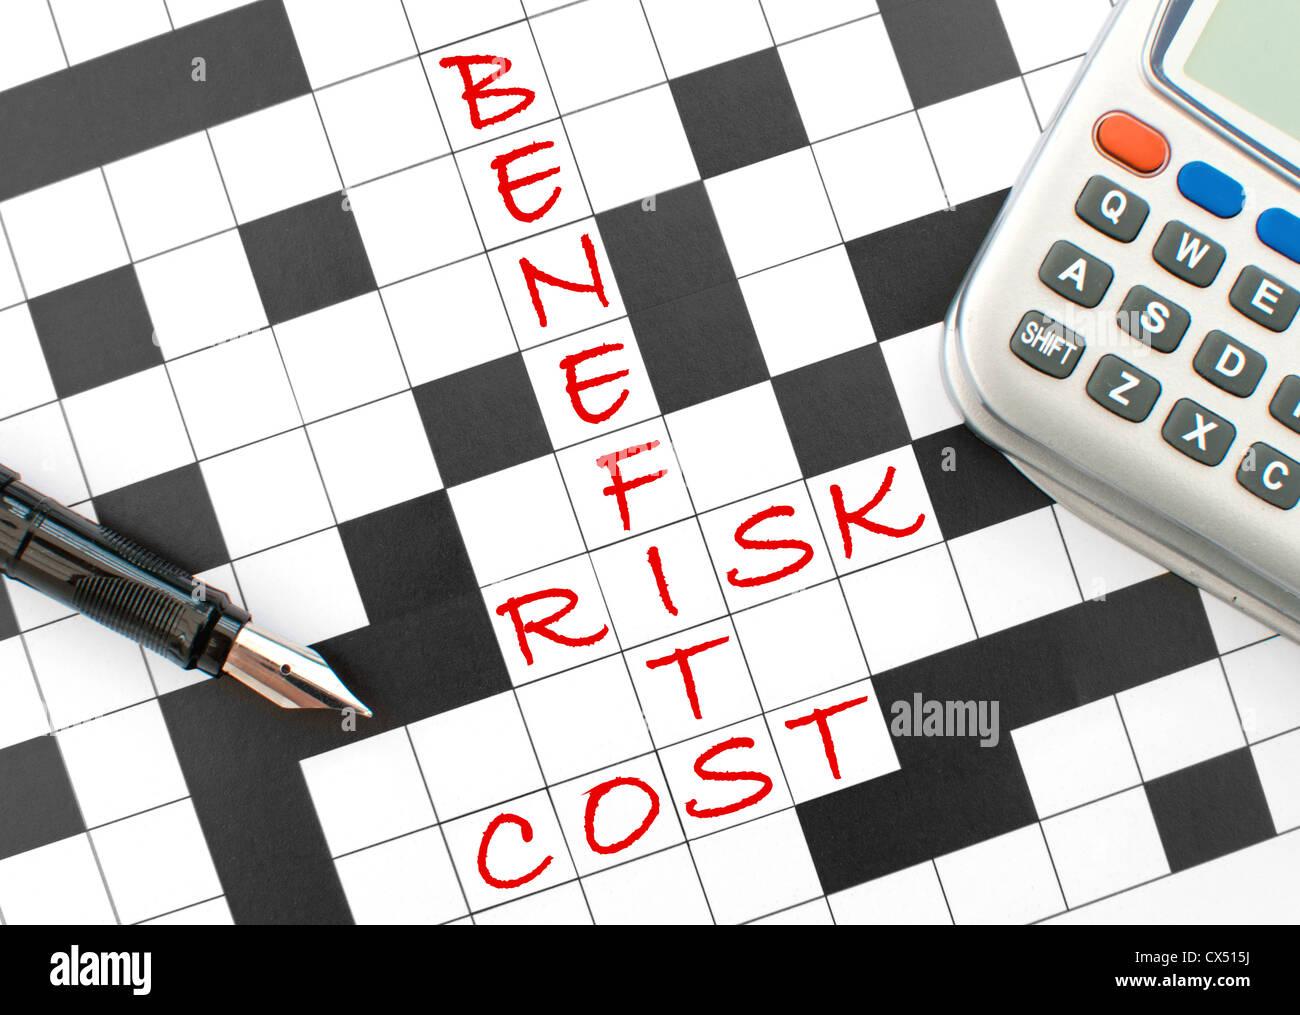 Risk versus benefits - Stock Image